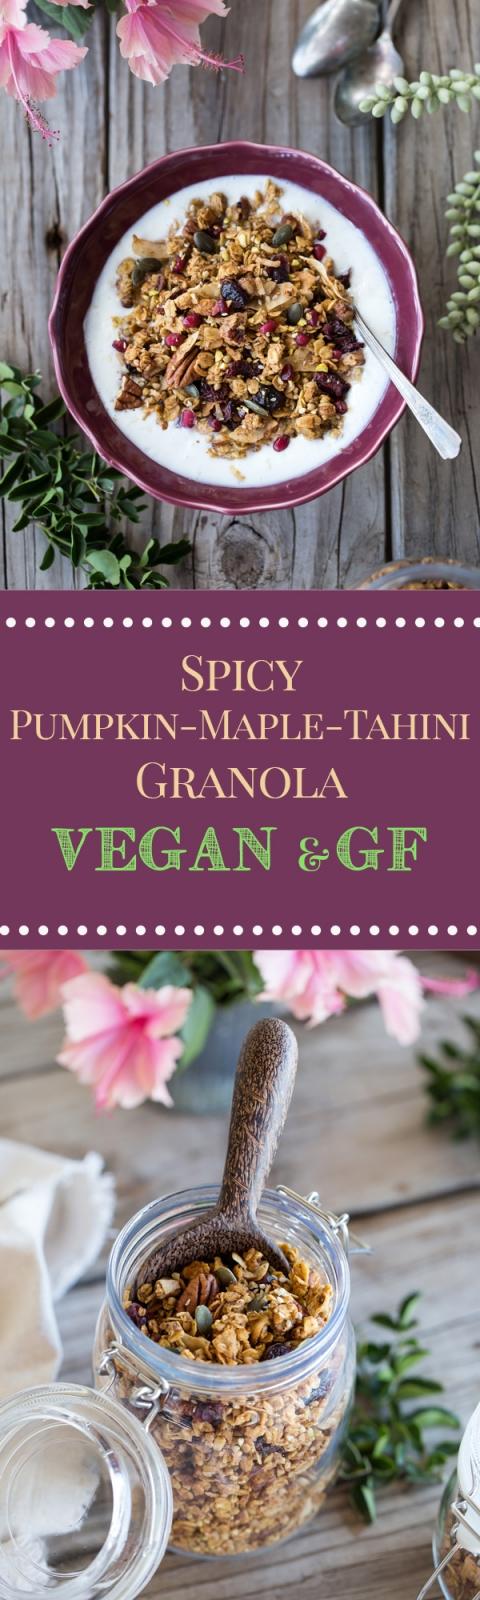 Spicy Pumpkin, Maple, and Tahini Granola